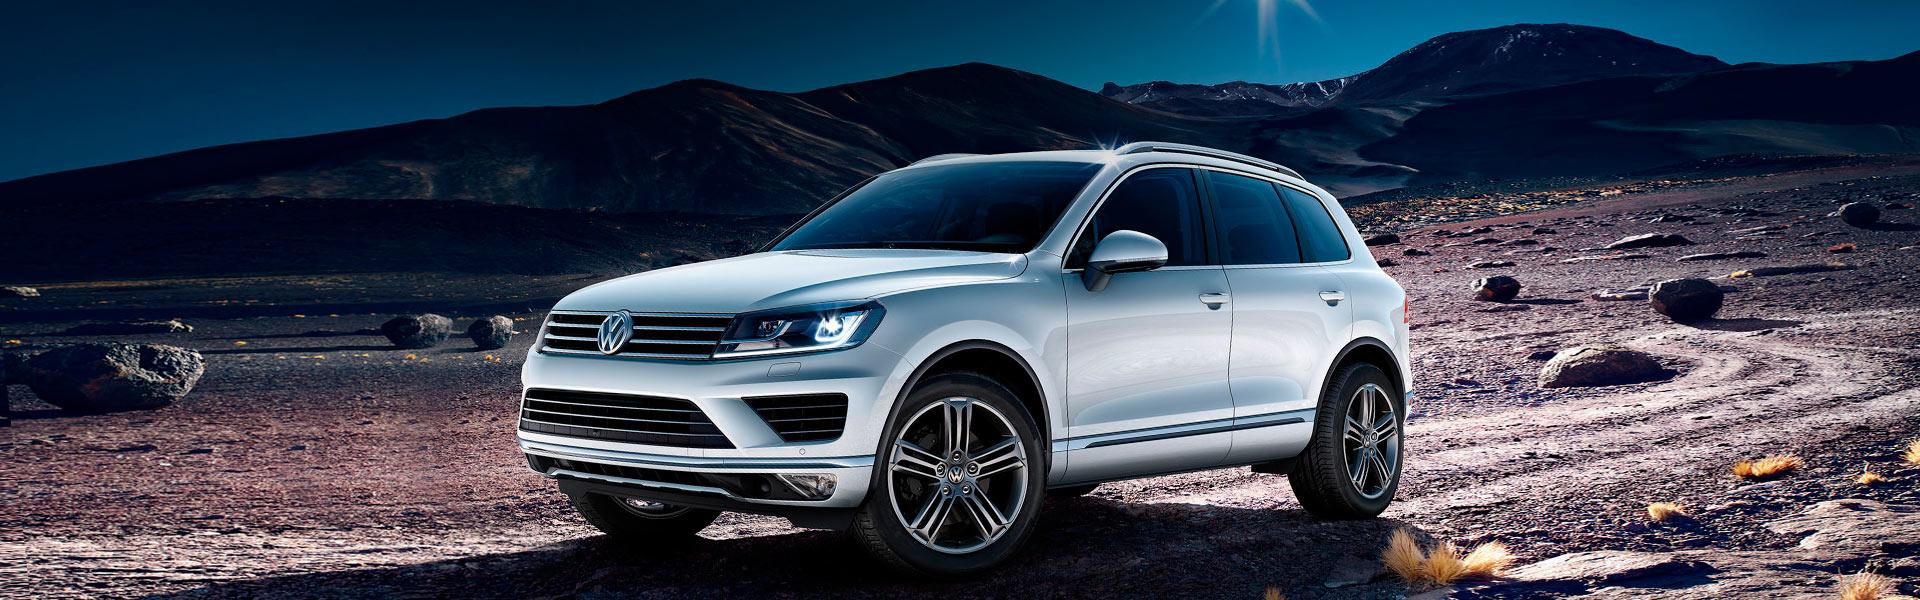 Запчасти на VAG Volkswagen